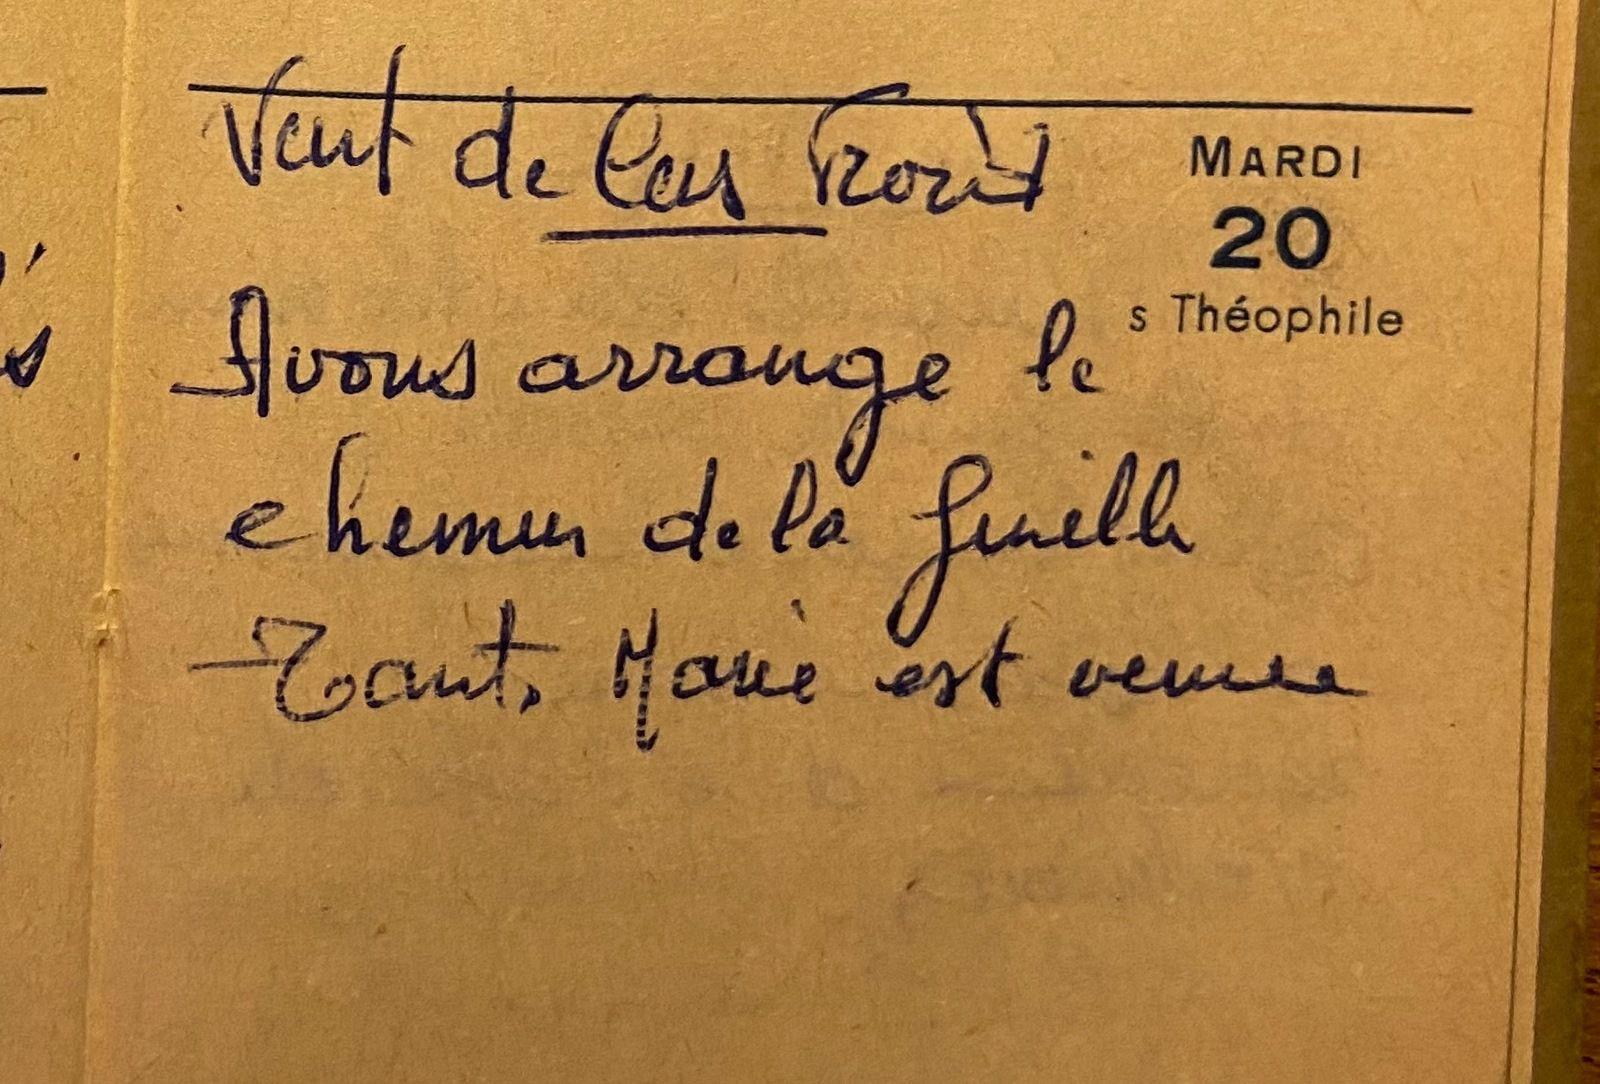 Mardi 20 décembre 1960 - arranger le chemin